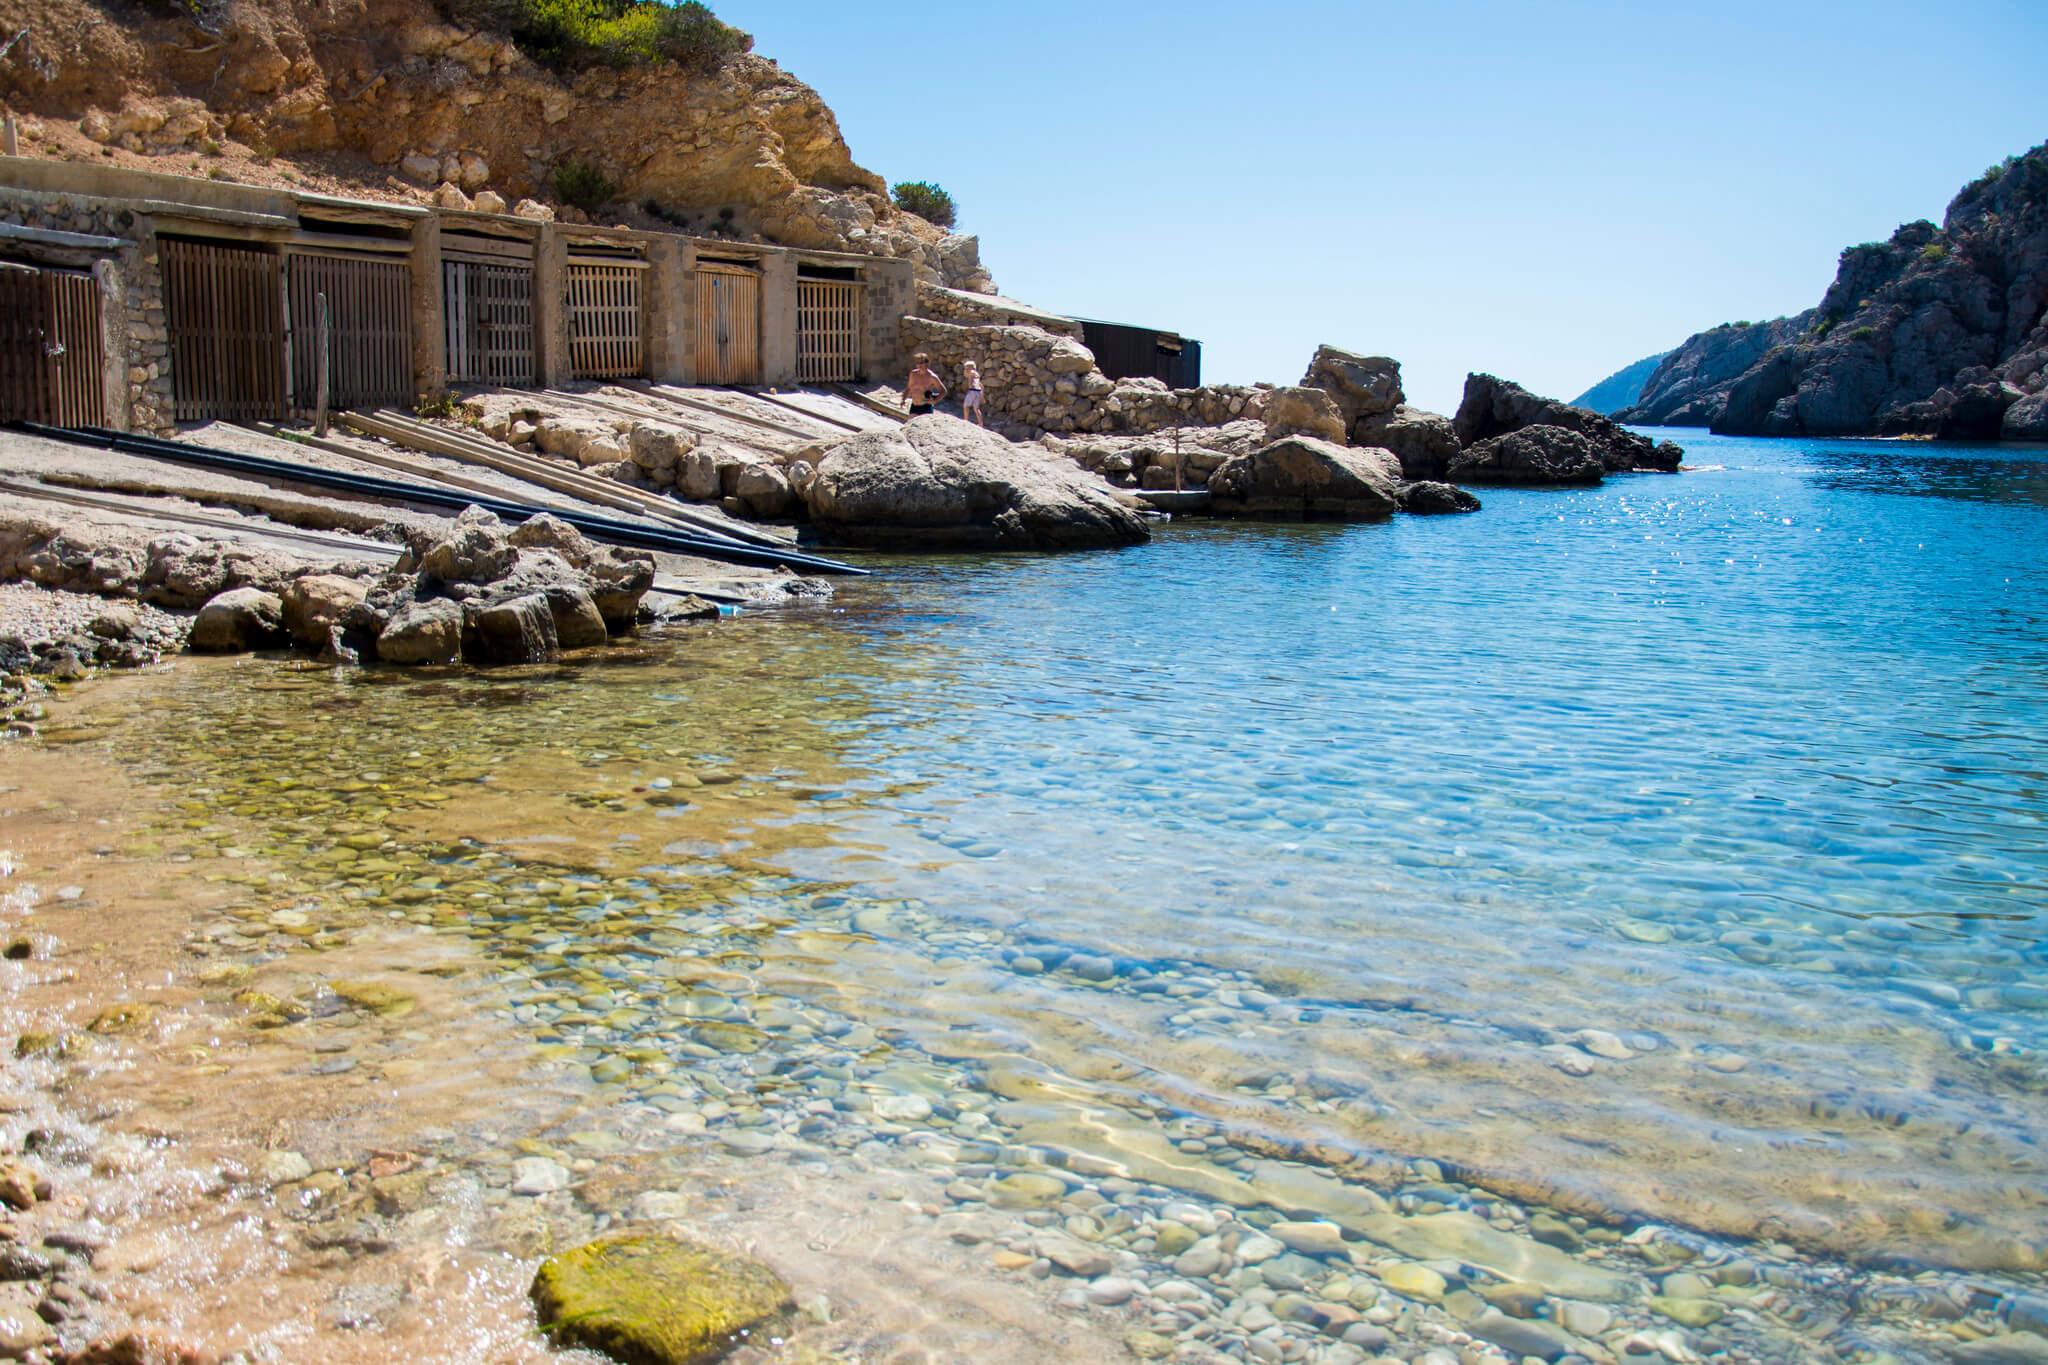 https://www.white-ibiza.com/wp-content/uploads/2020/03/ibiza-beaches-cala-den-serra-05.jpg